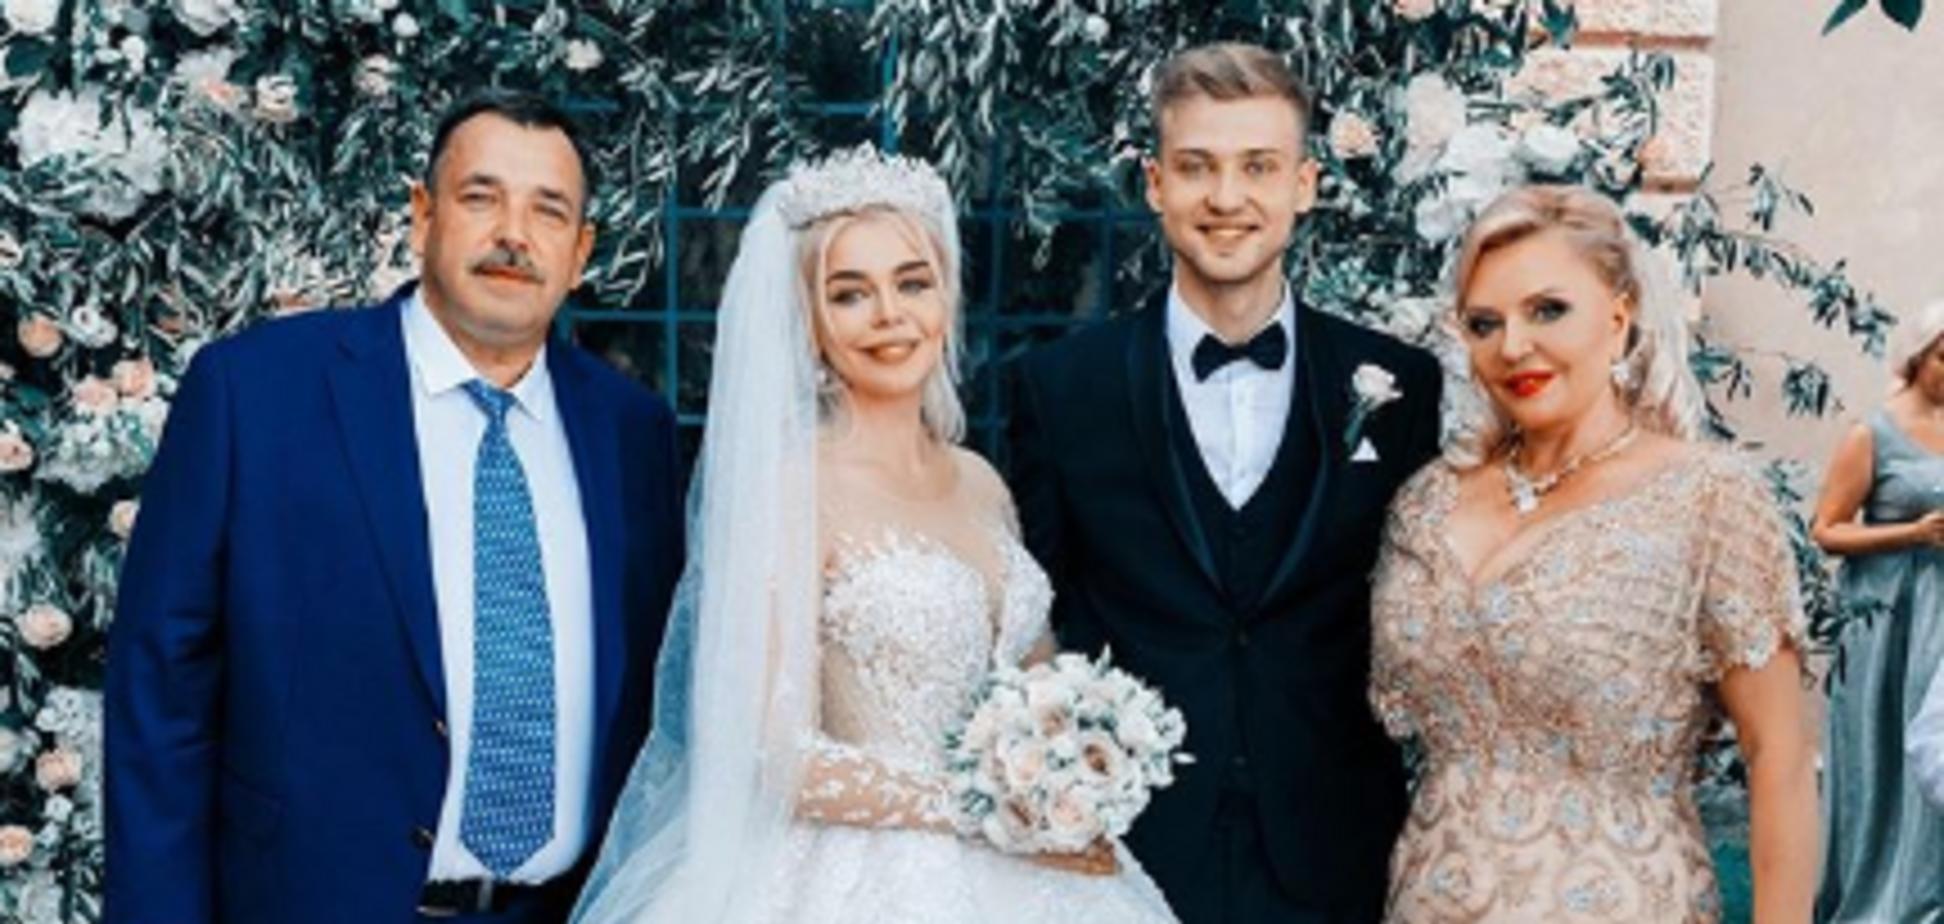 Весілля Аліни Гросу: з'ясувалися нечувані витрати на свято